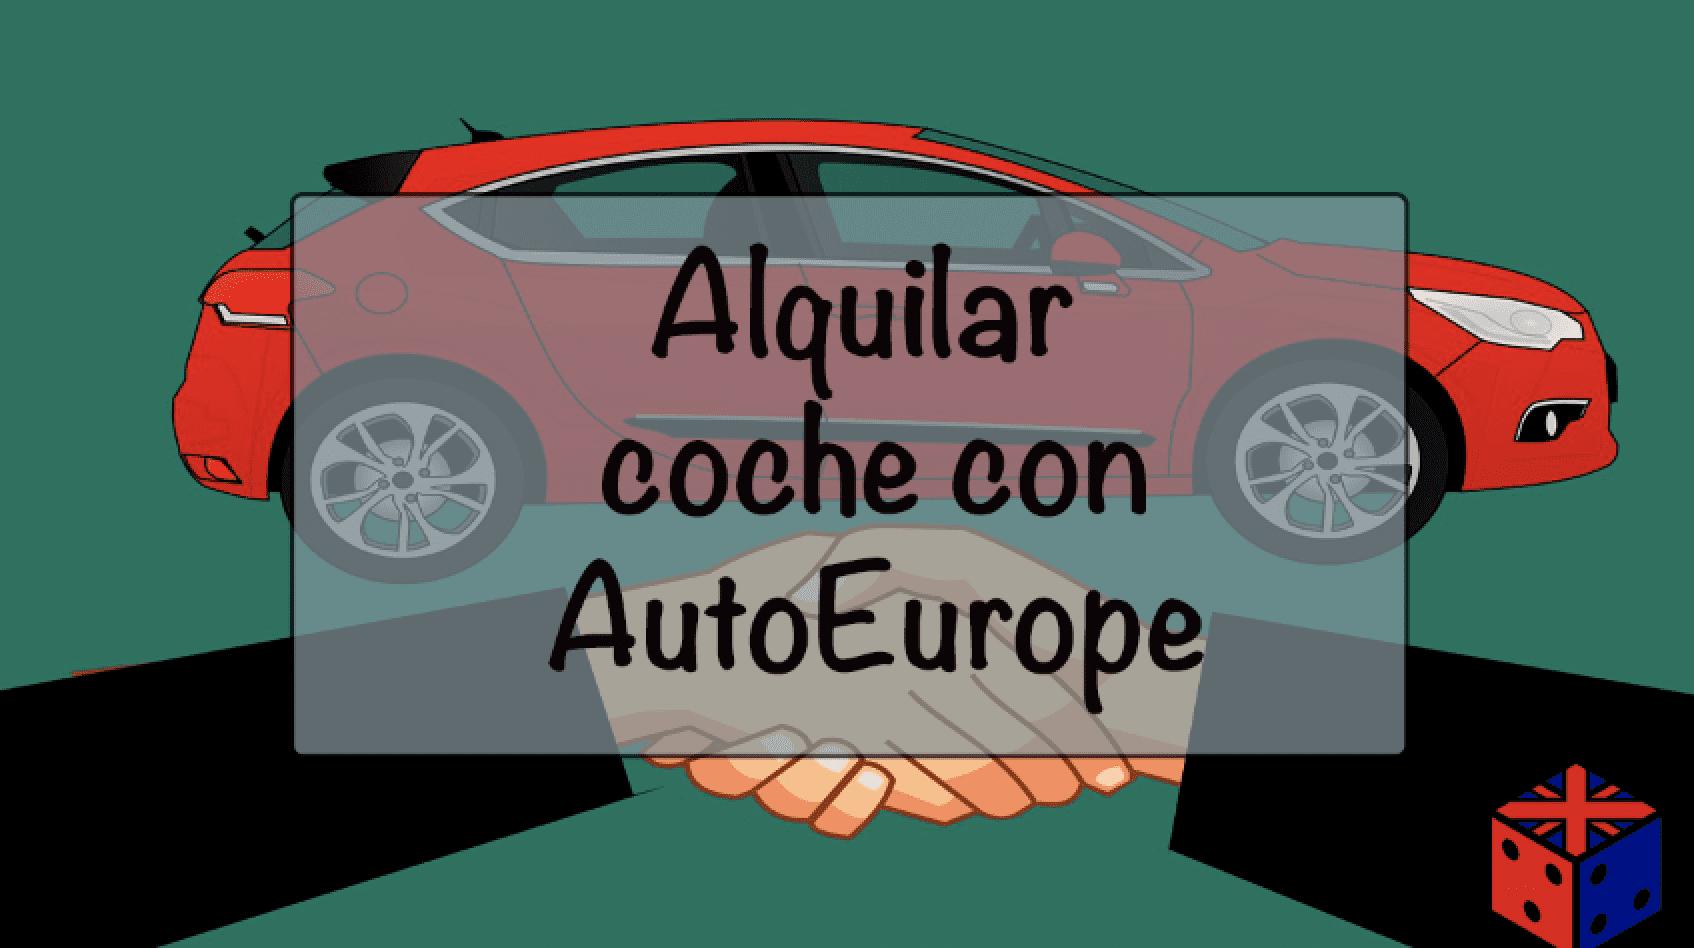 Alquilar coche con Autoeurope